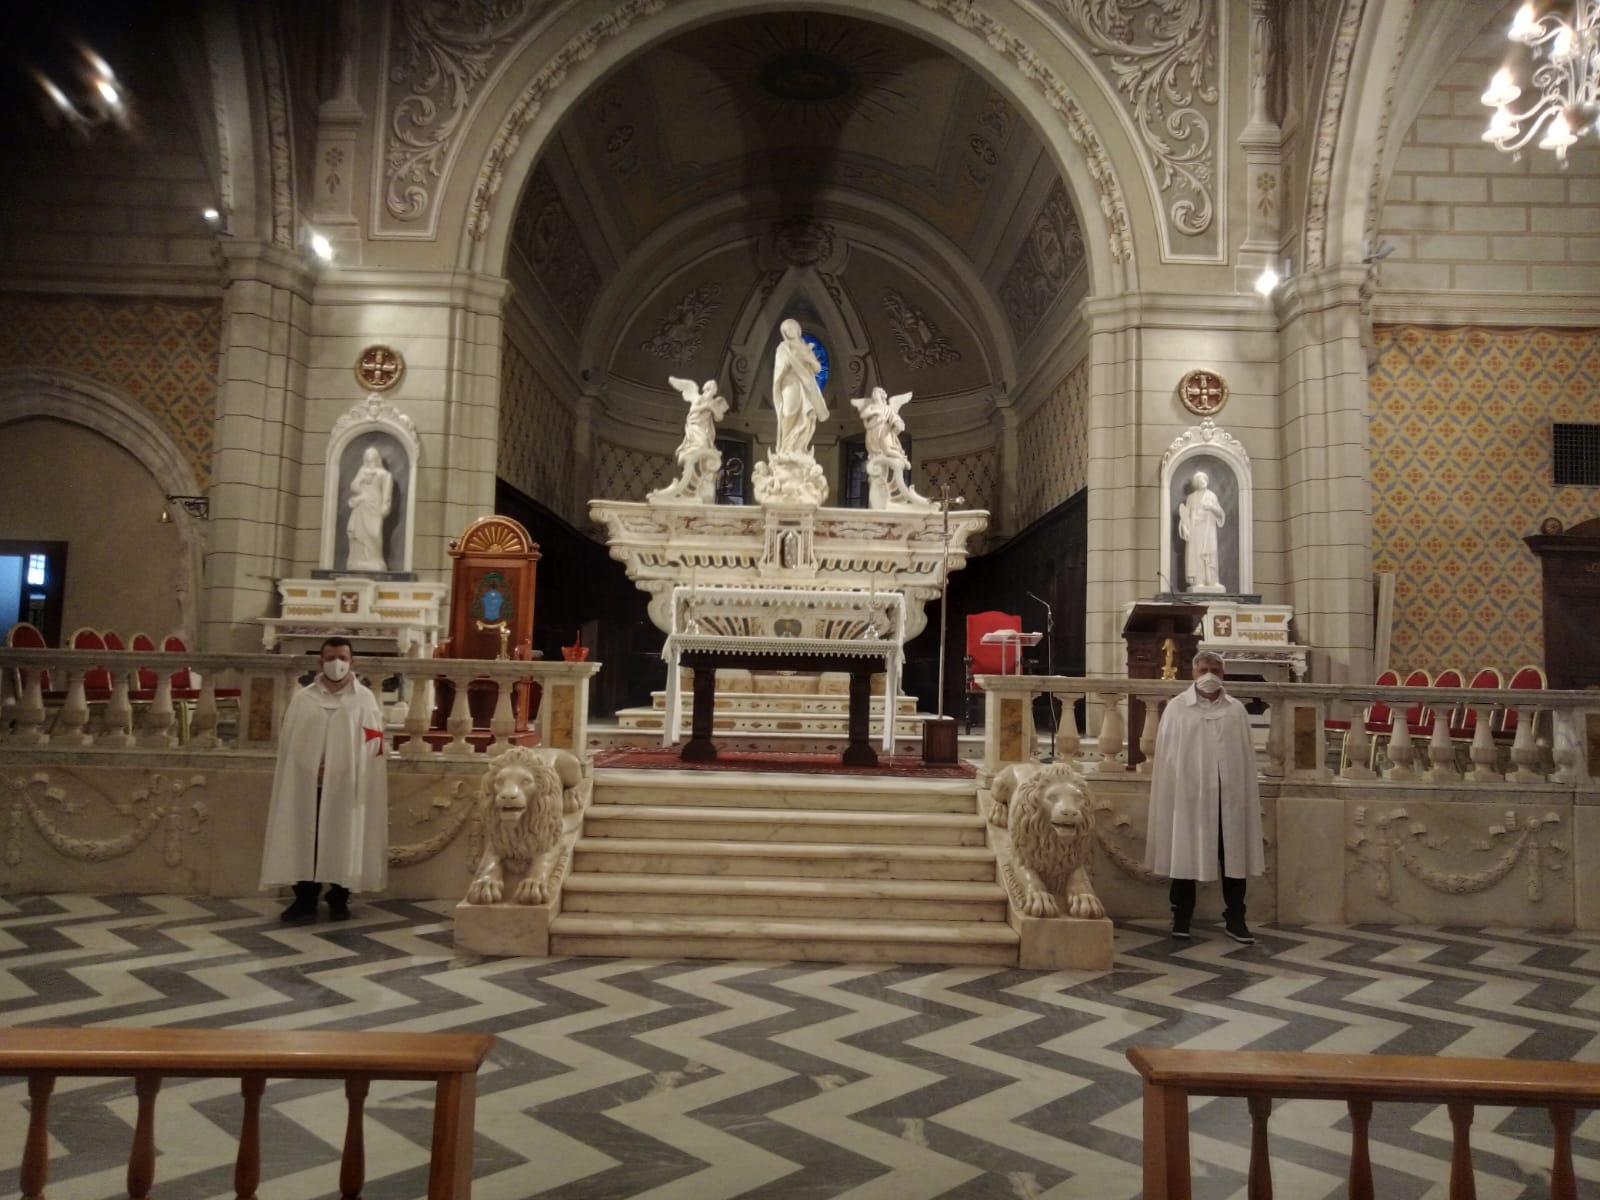 Heilige Messe in der Kathedrale der Unbefleckten von Ozieri (Ss) mit S.E. Giovanni Dettori, emeritierter Bischof der Diözese Ales-Terralba (Juli 2021)